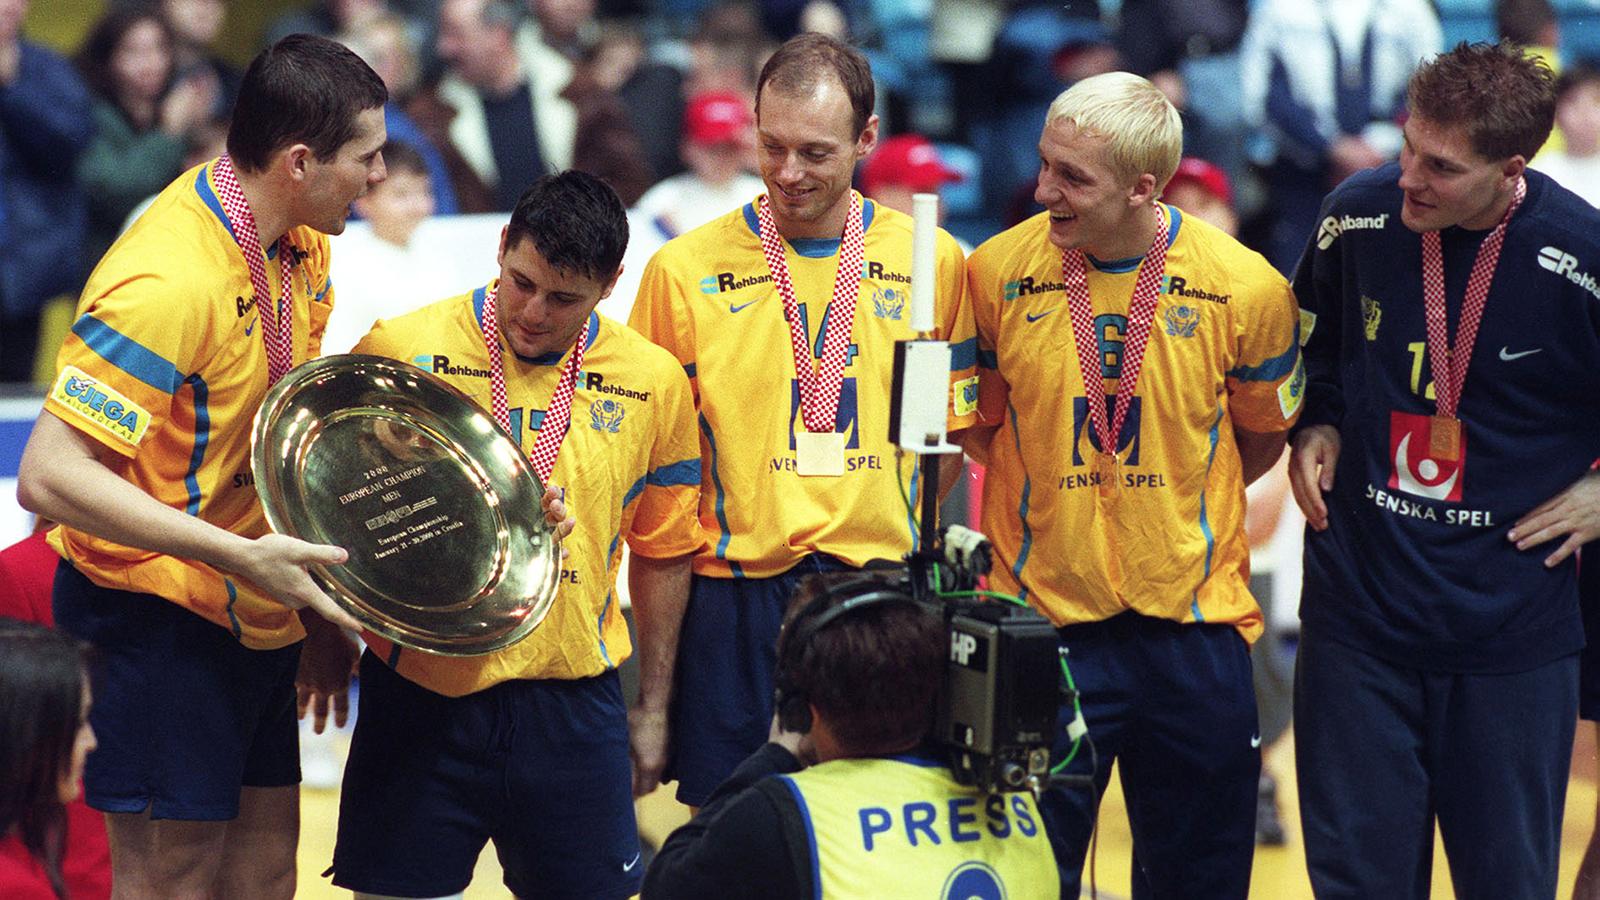 Sverige sjua i handbolls vm